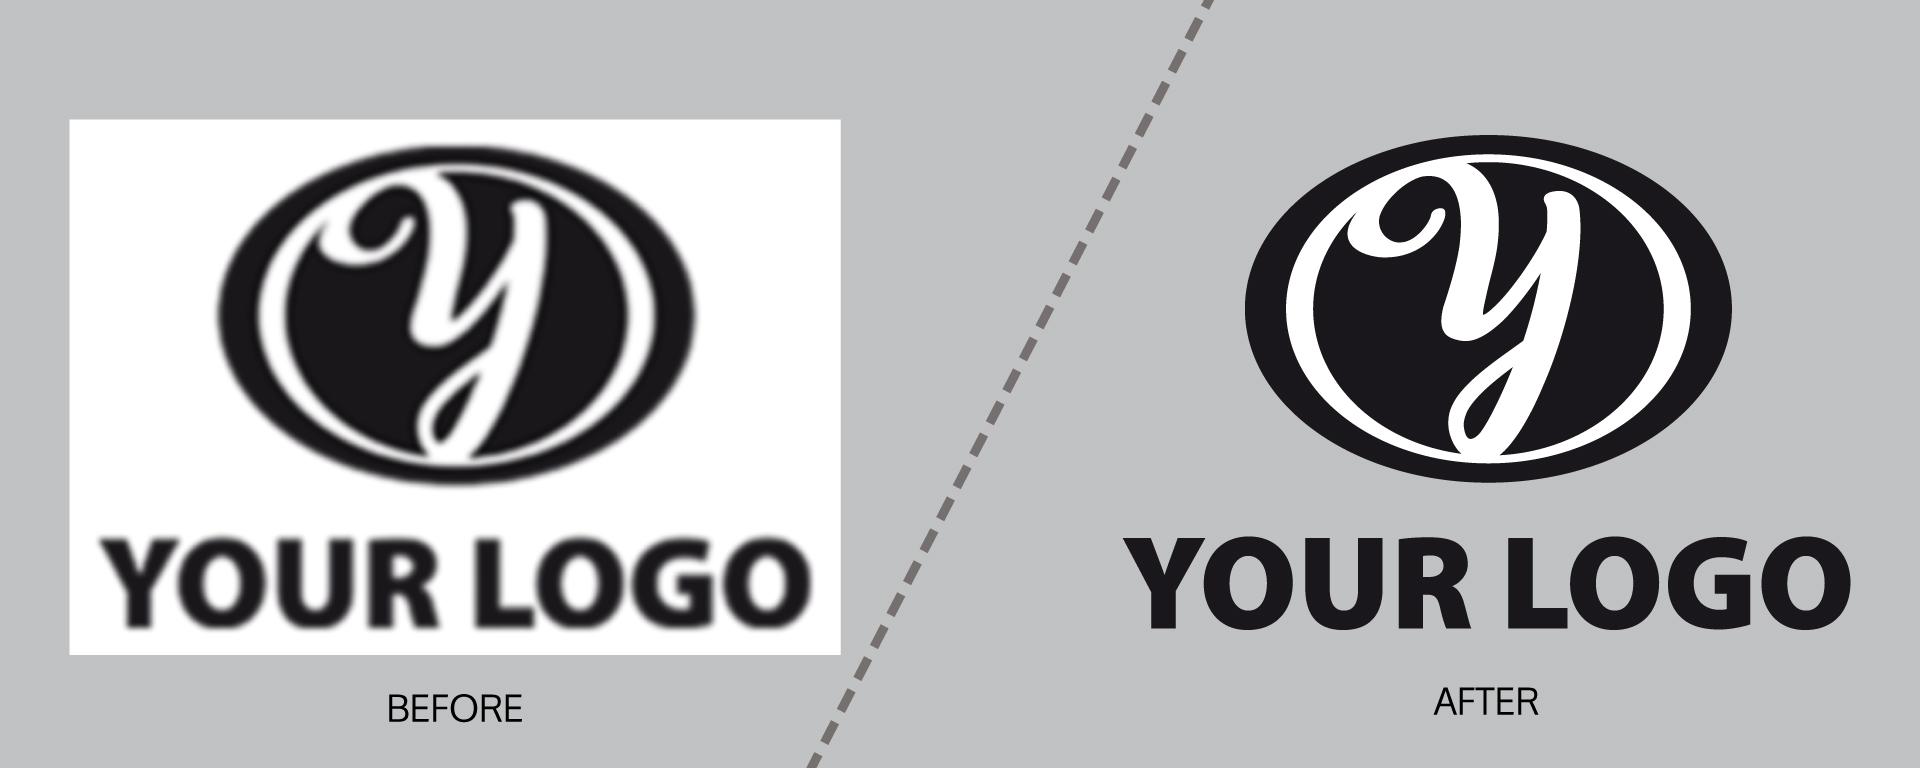 Redrawing of logos